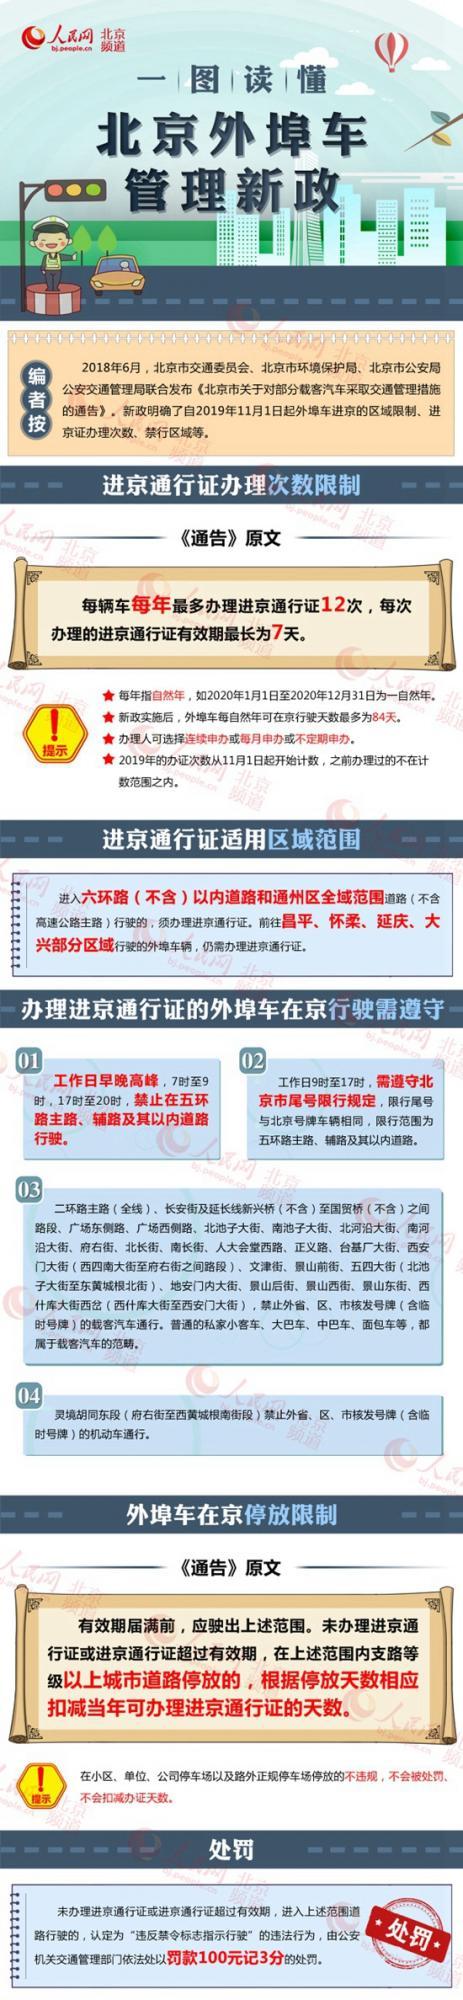 一圖讀懂北京外埠車管理新政:外地車在京行駛每年最多84天